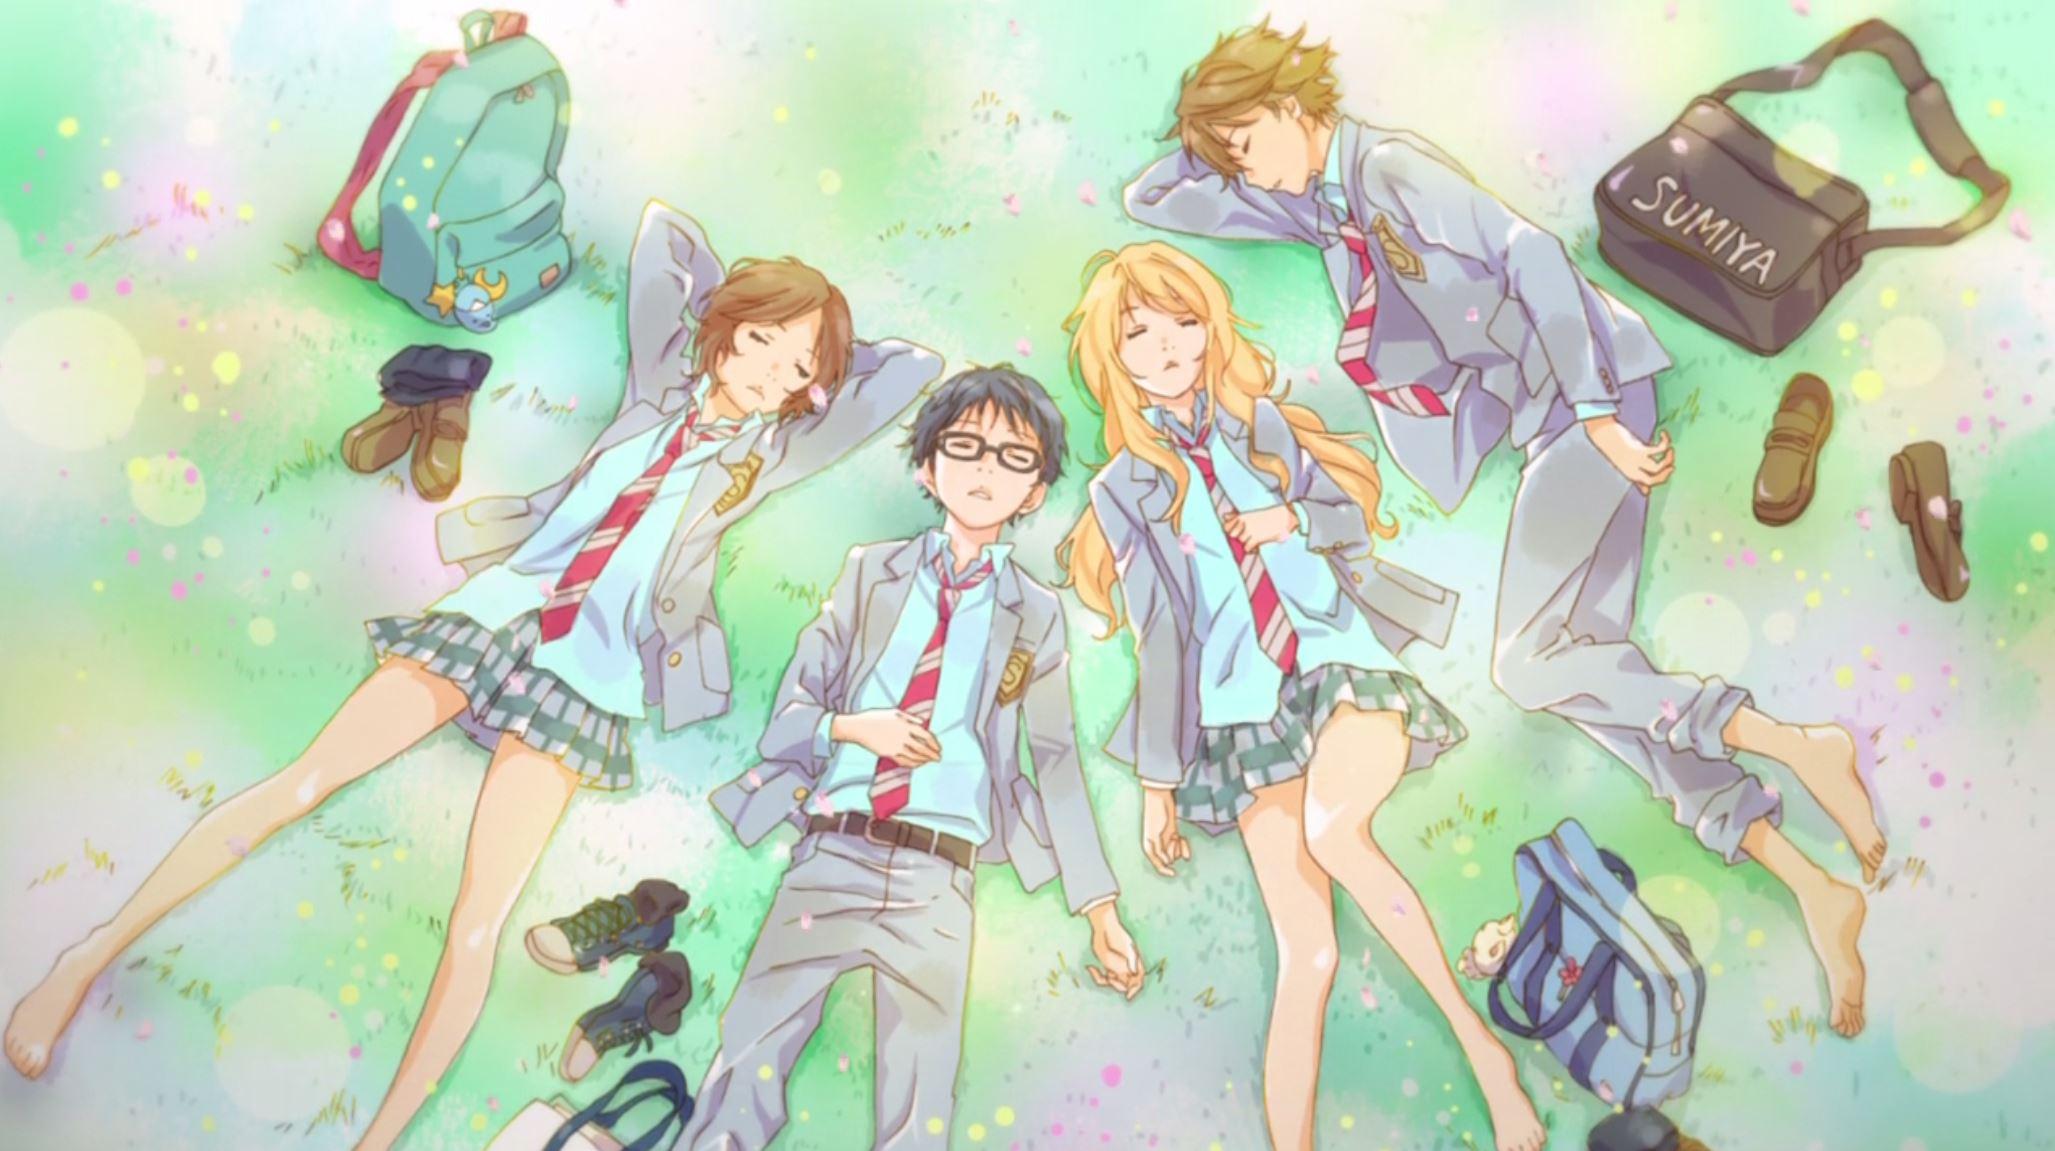 Shigatsu Wa Kimi No Uso Wallpapers High Quality Download Free